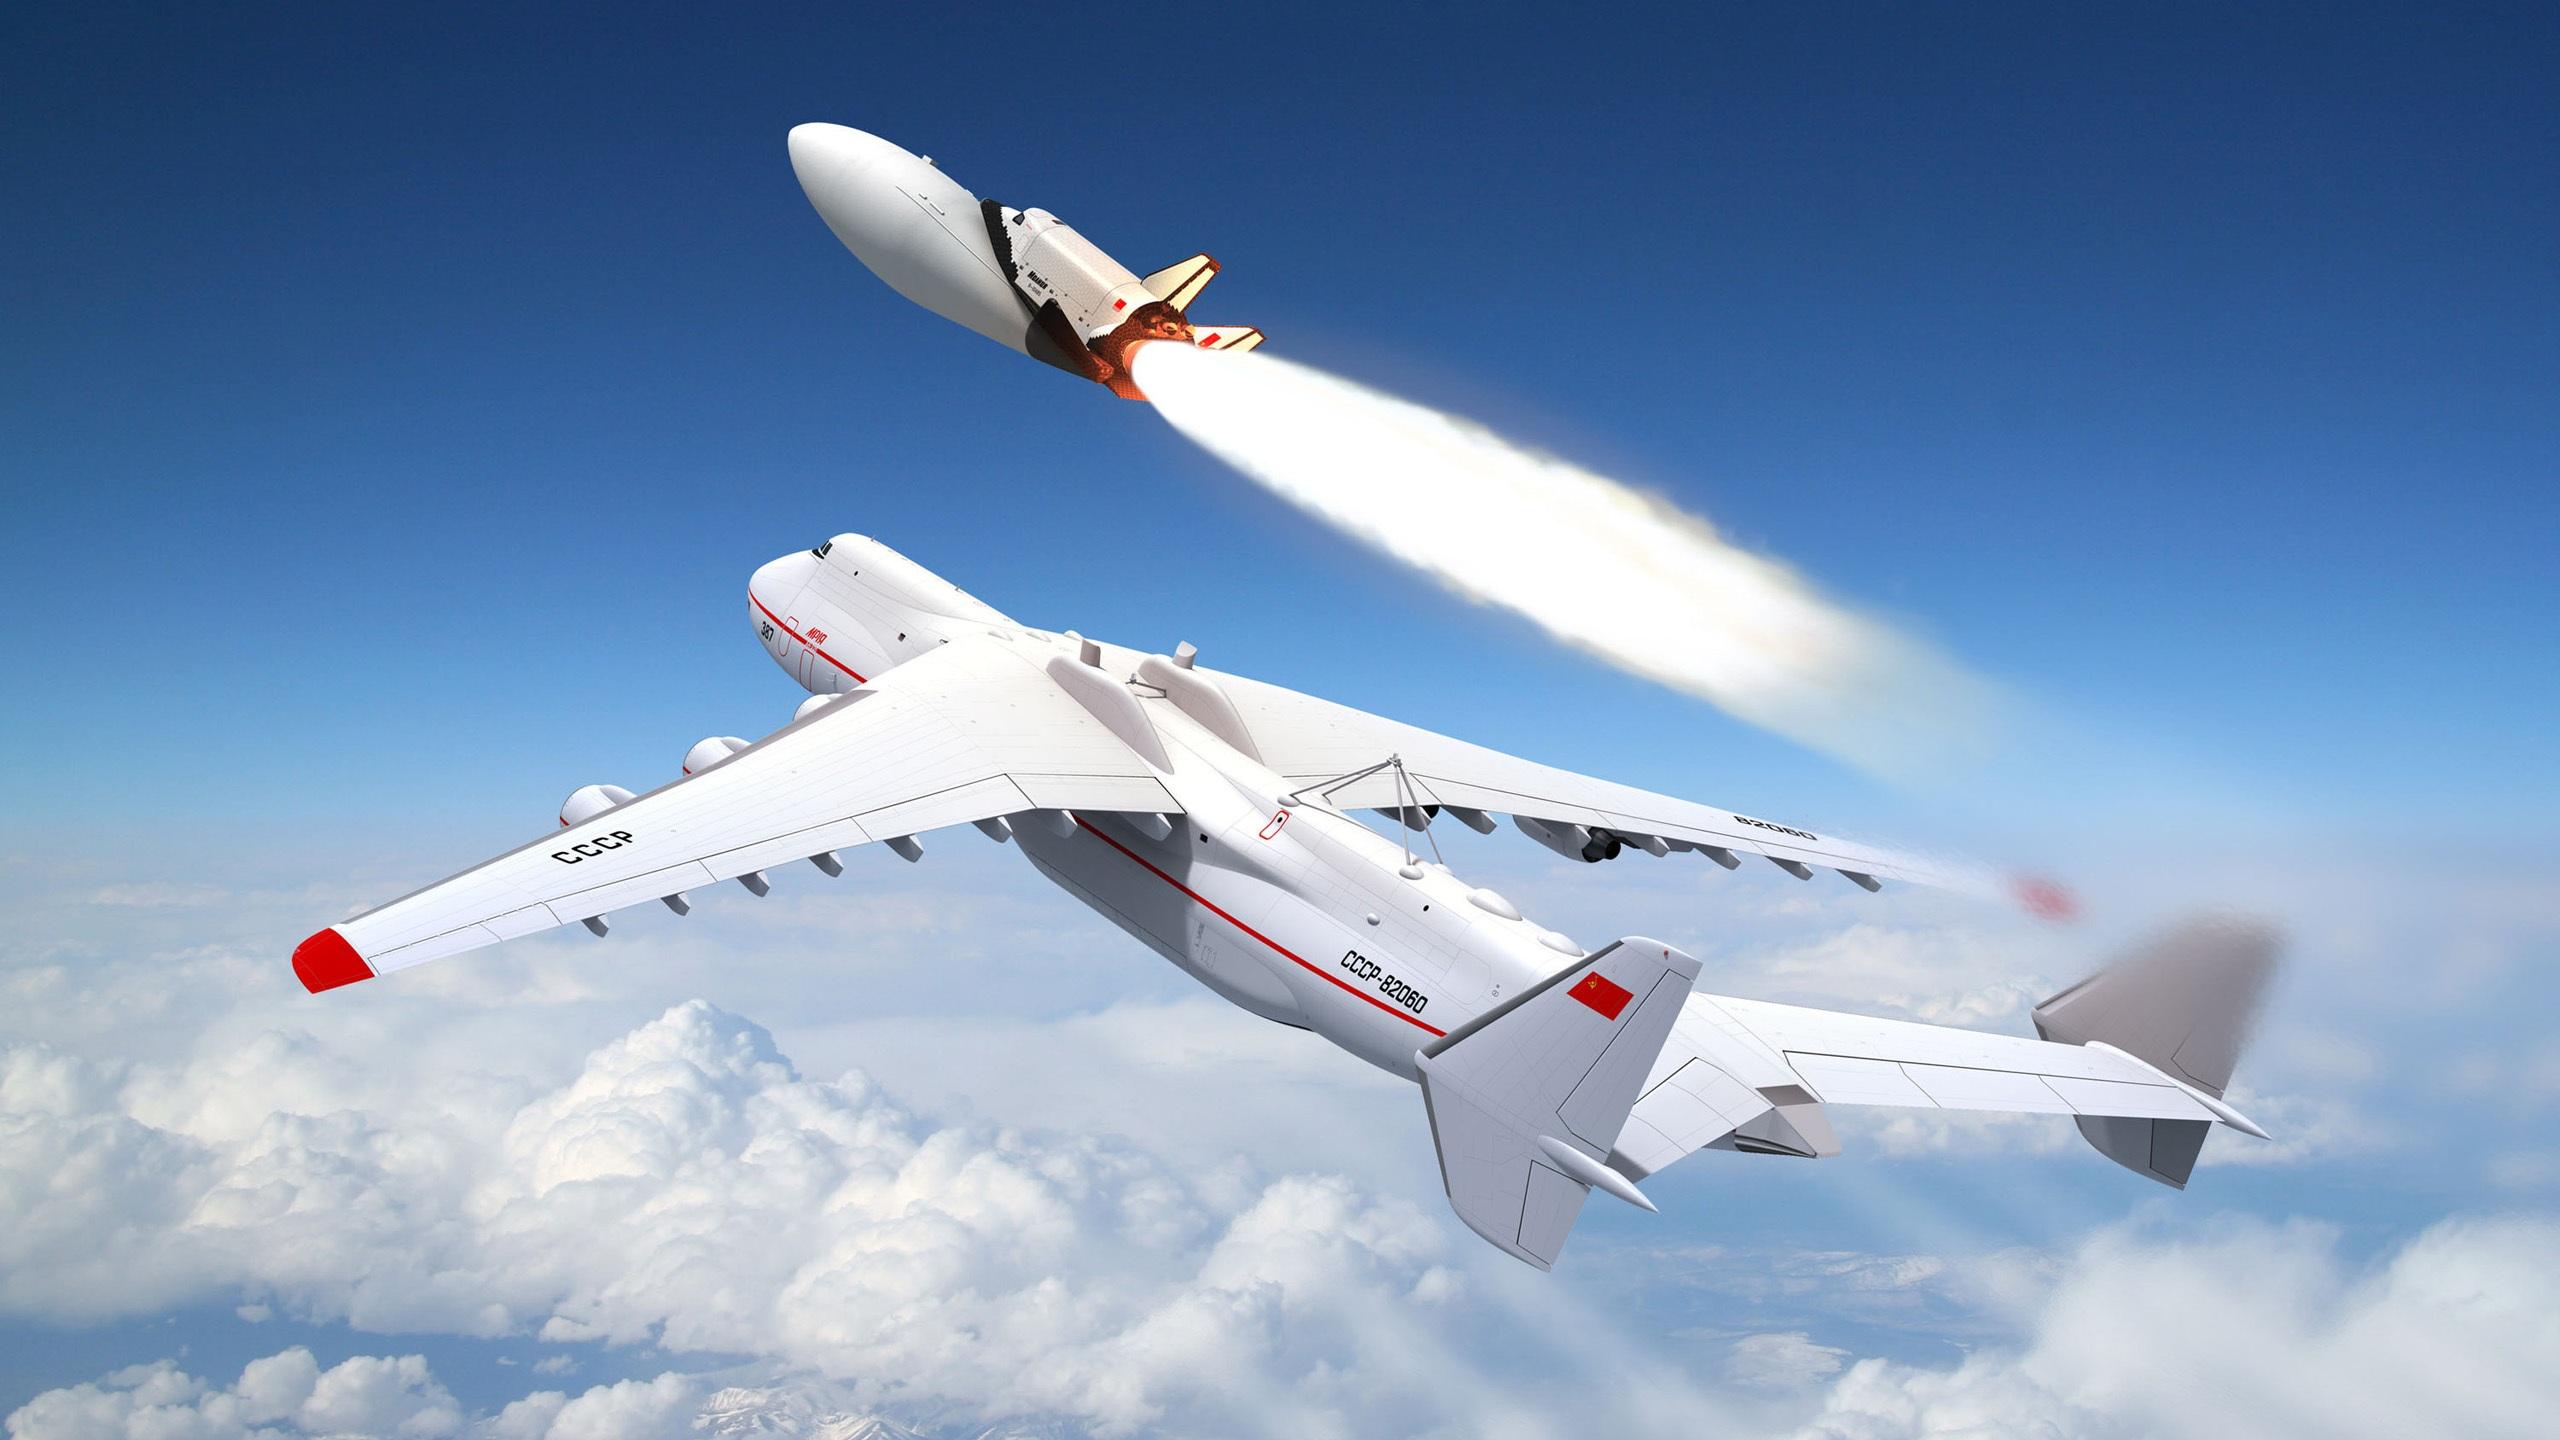 Air-Space-Shuttle-Start Hintergrundbilder | 2560x1440 ...